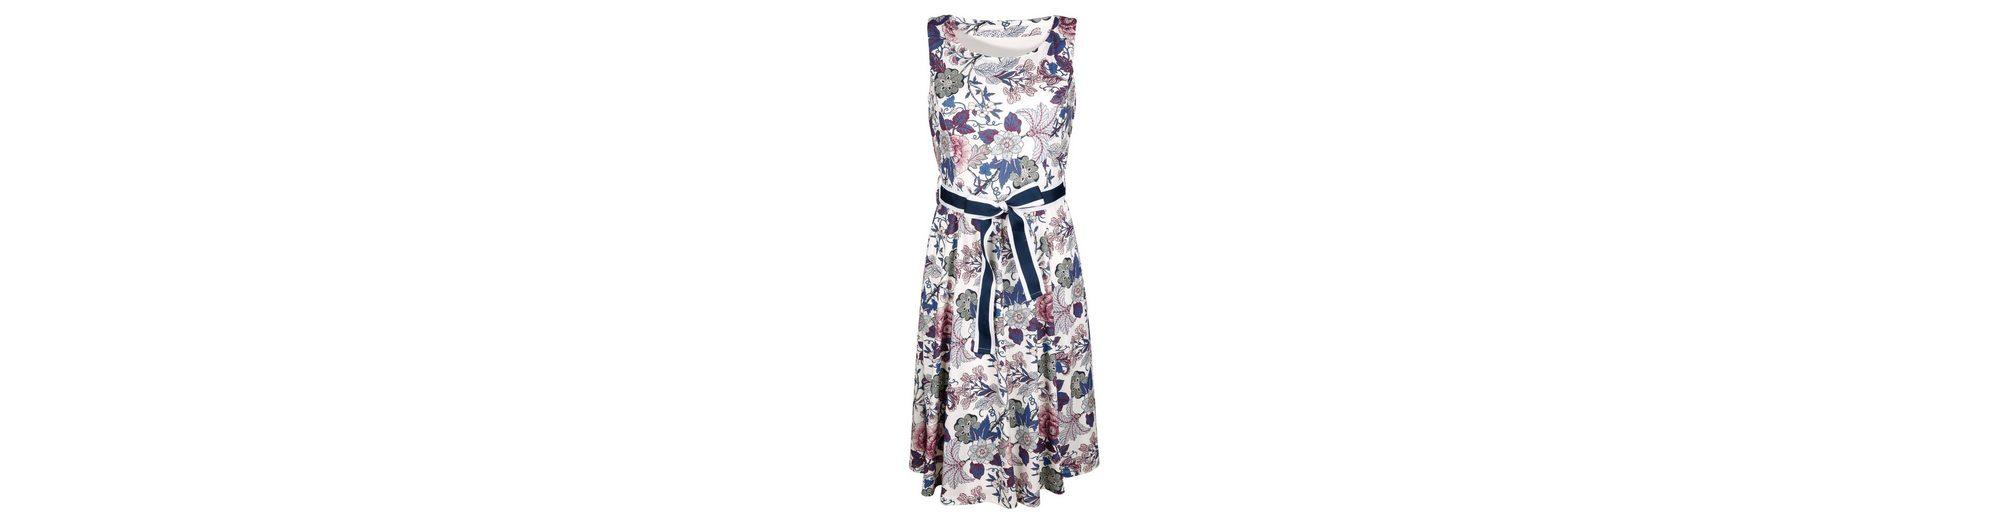 Amy Vermont Jerseykleid allover mit floralem Druck Mode Günstig Online Original-Verkauf Online Lwj5k0b3qE